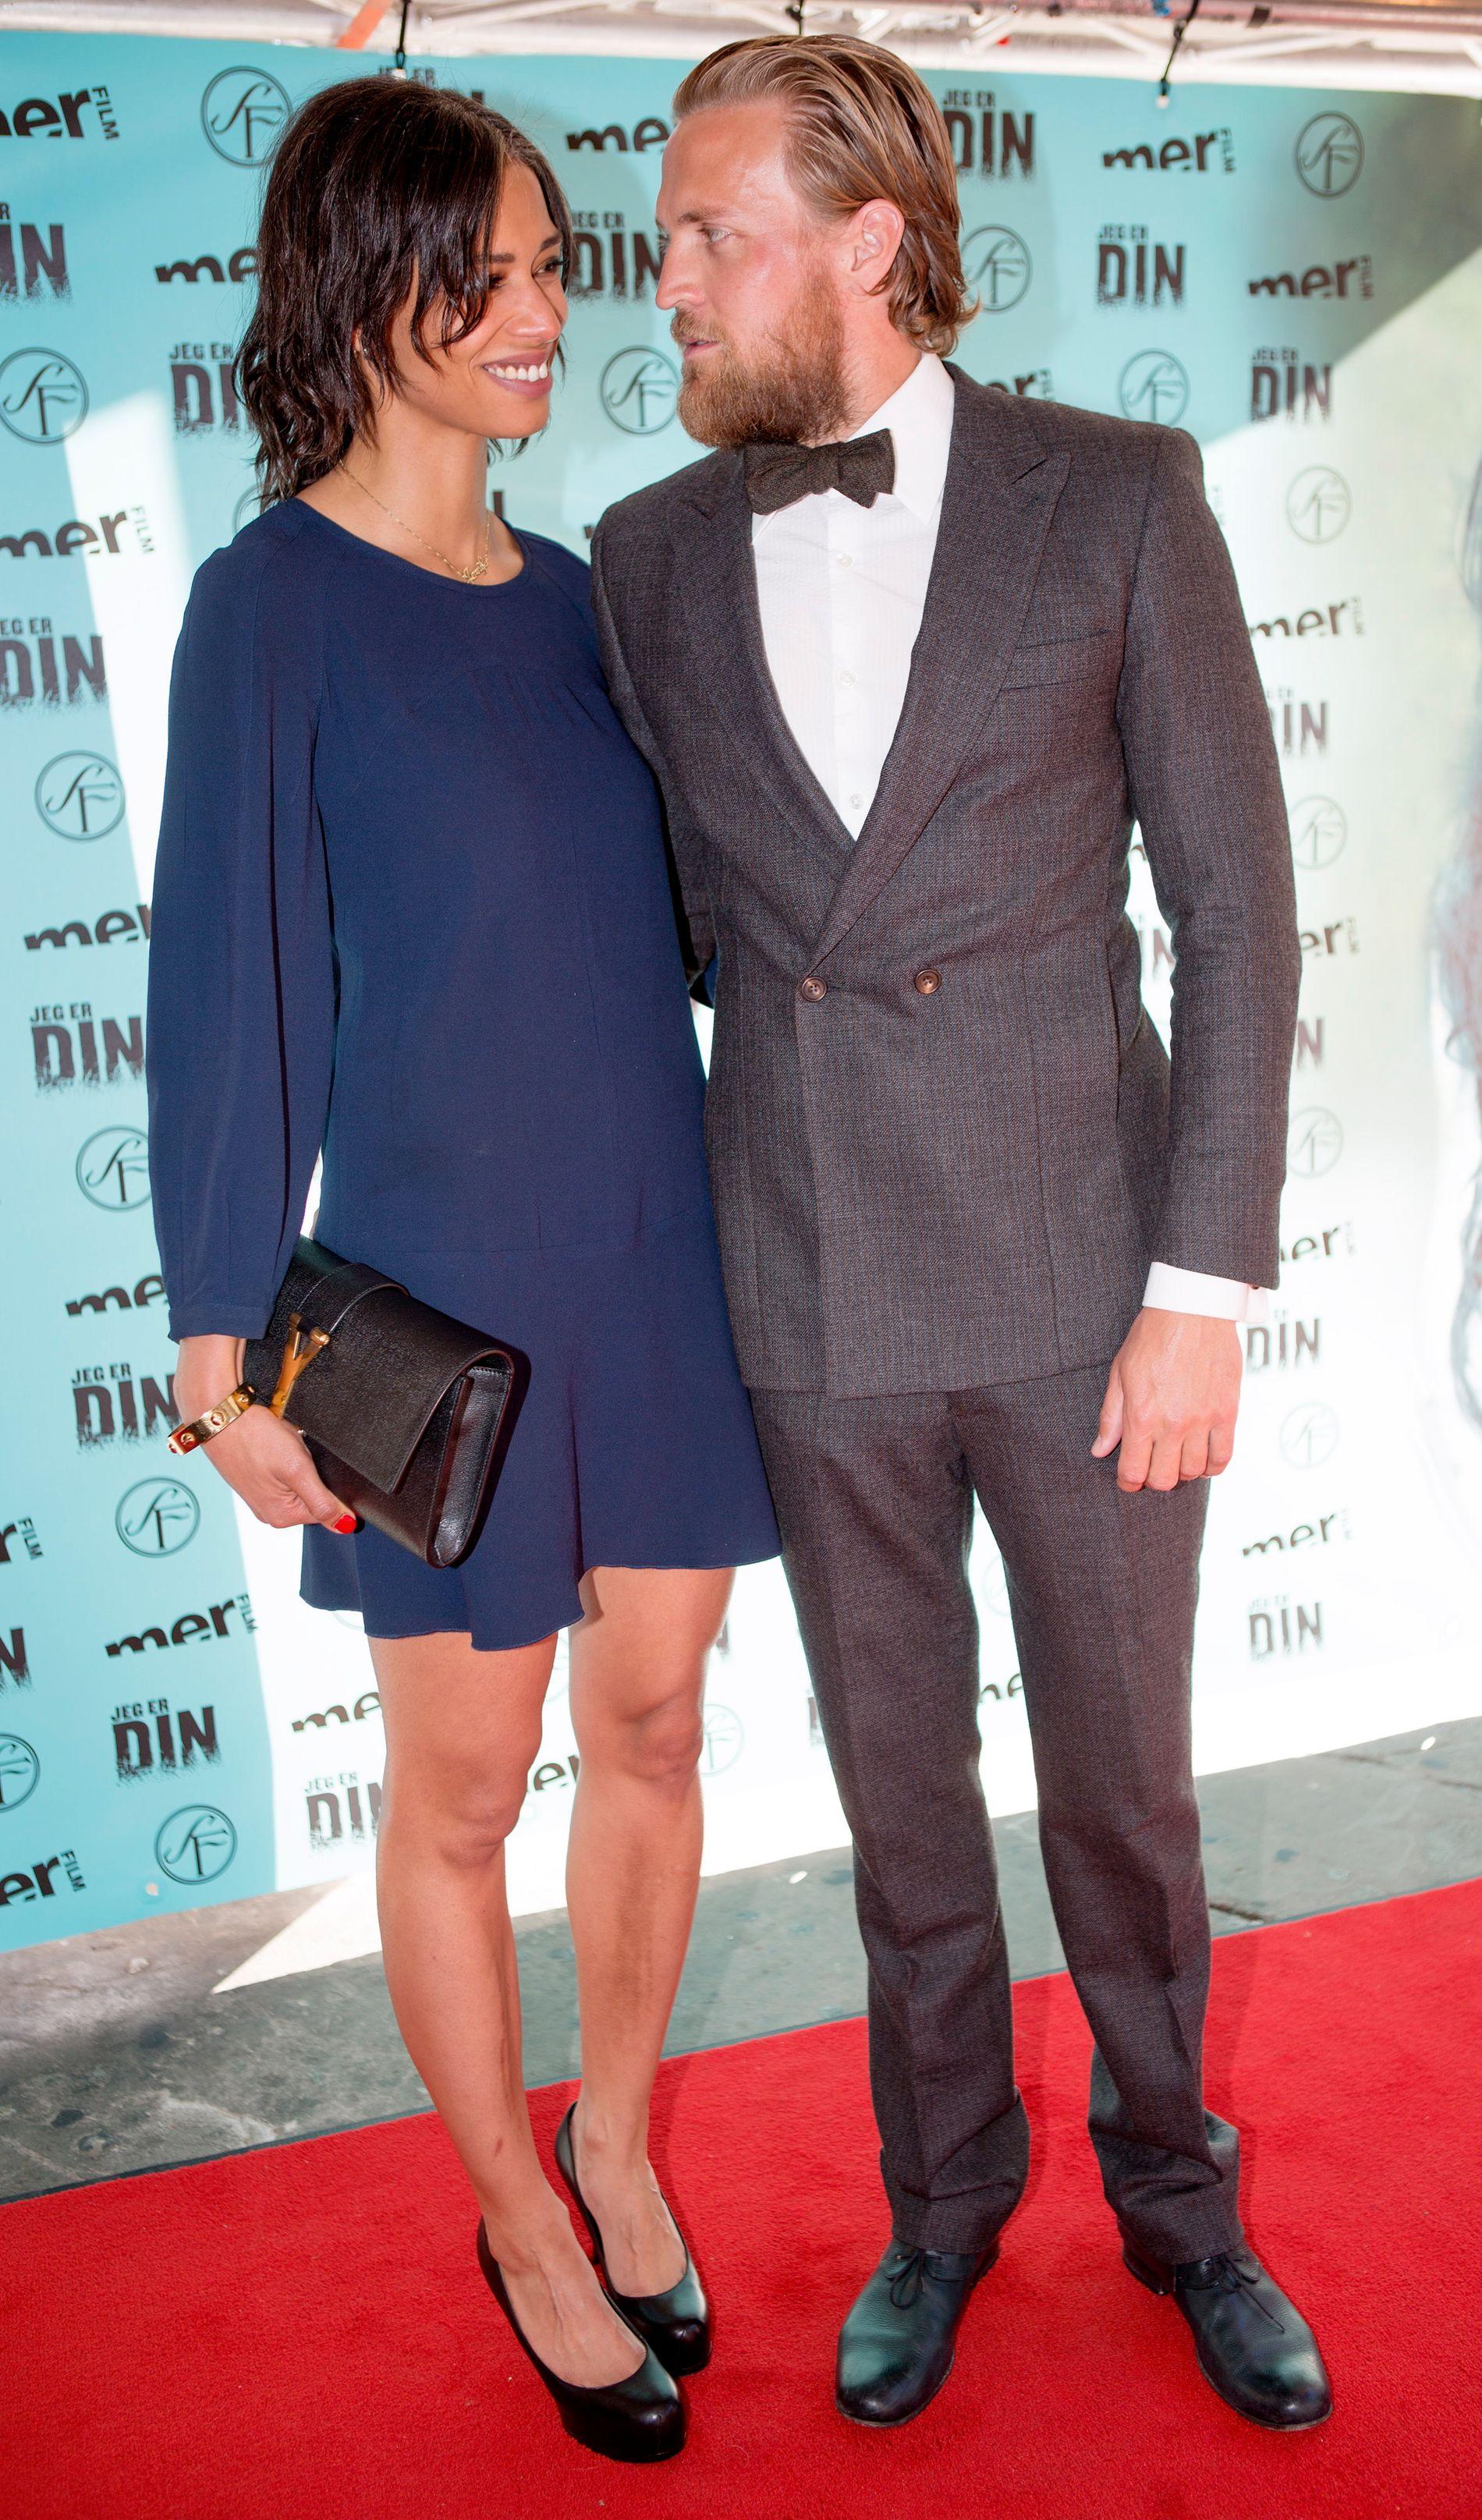 SAMBOER: Santelmann og samboer Jennifer Bråthen, her på premieren på «Jeg er din» i august 2013.